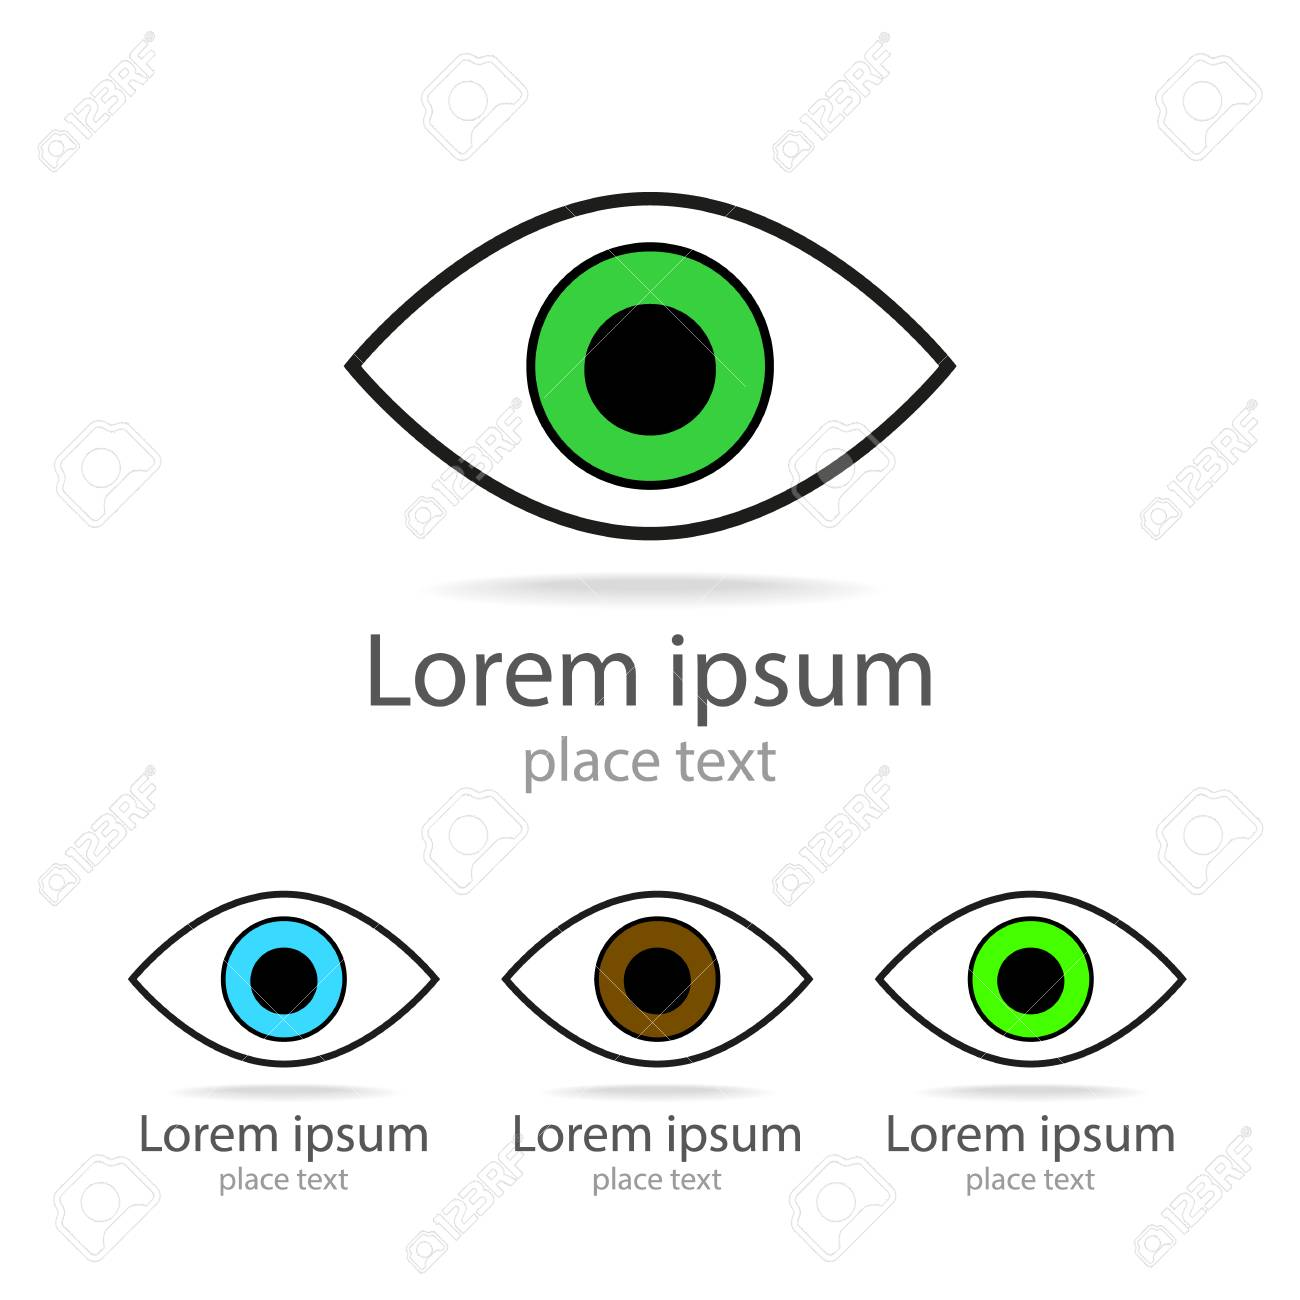 Eye Template | Symbol Der Eye Template Fur Design Lizenzfrei Nutzbare